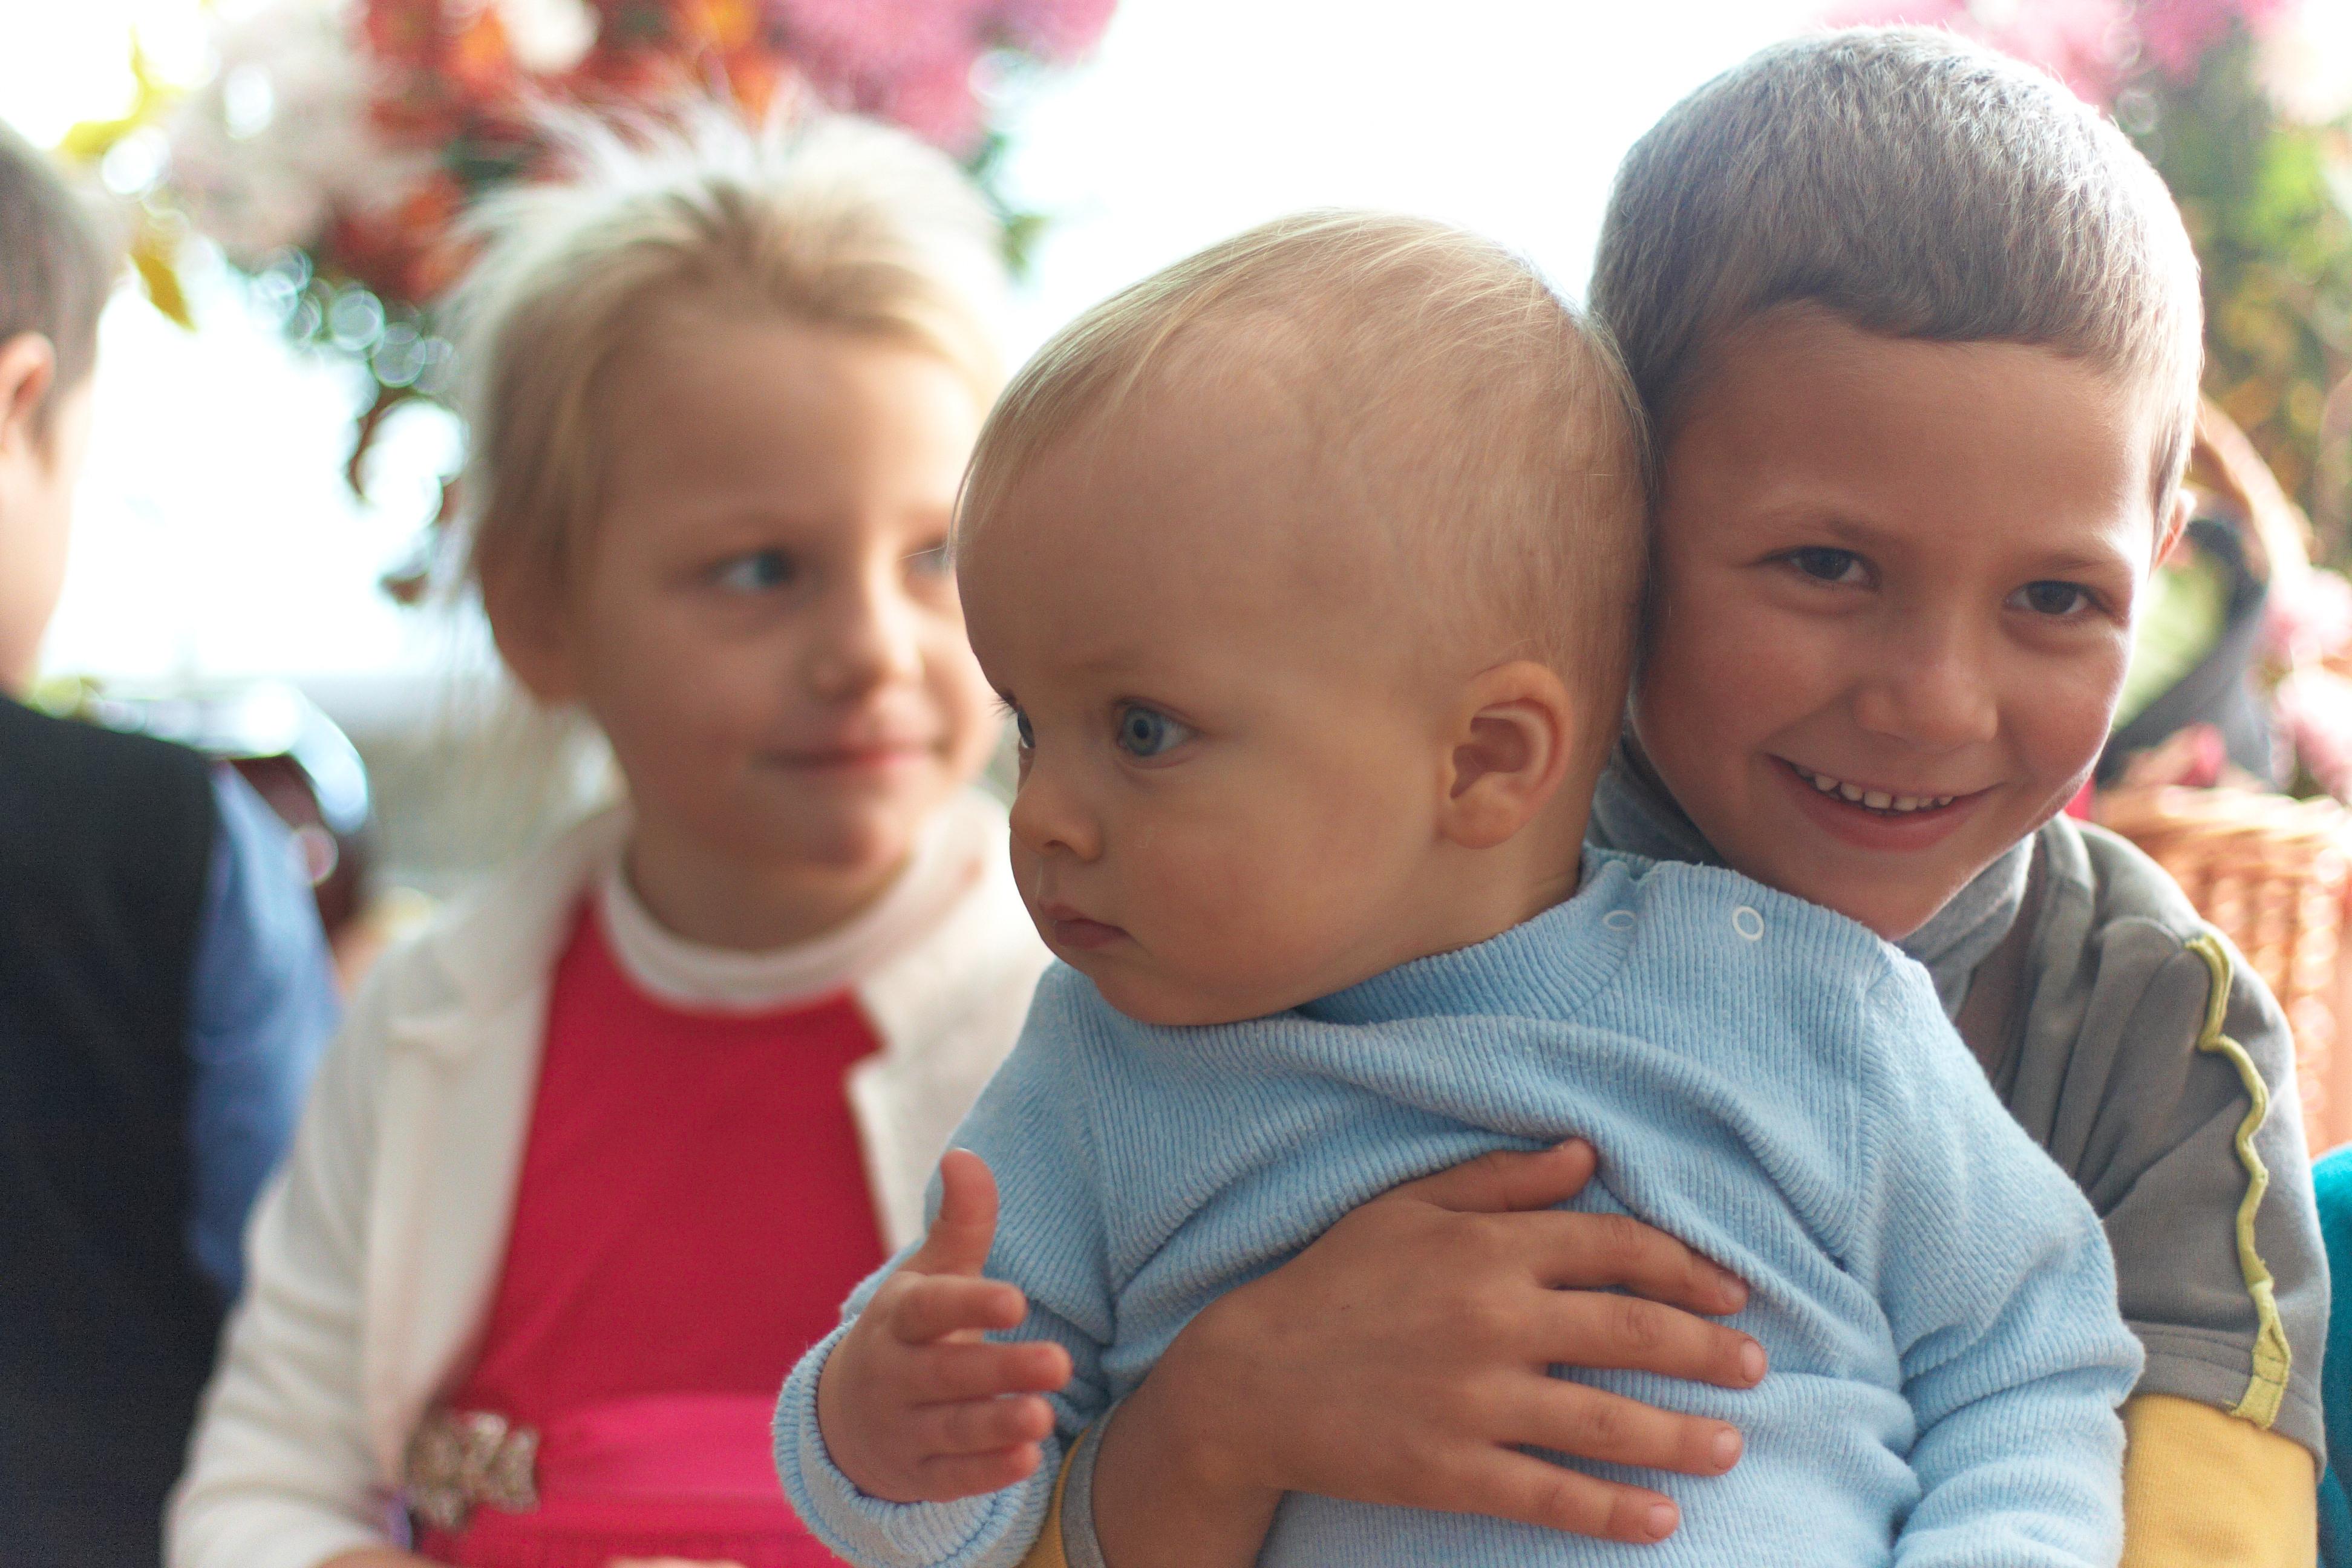 оптимальная разница в возрасте между детьми, когда планировать вторую беременность